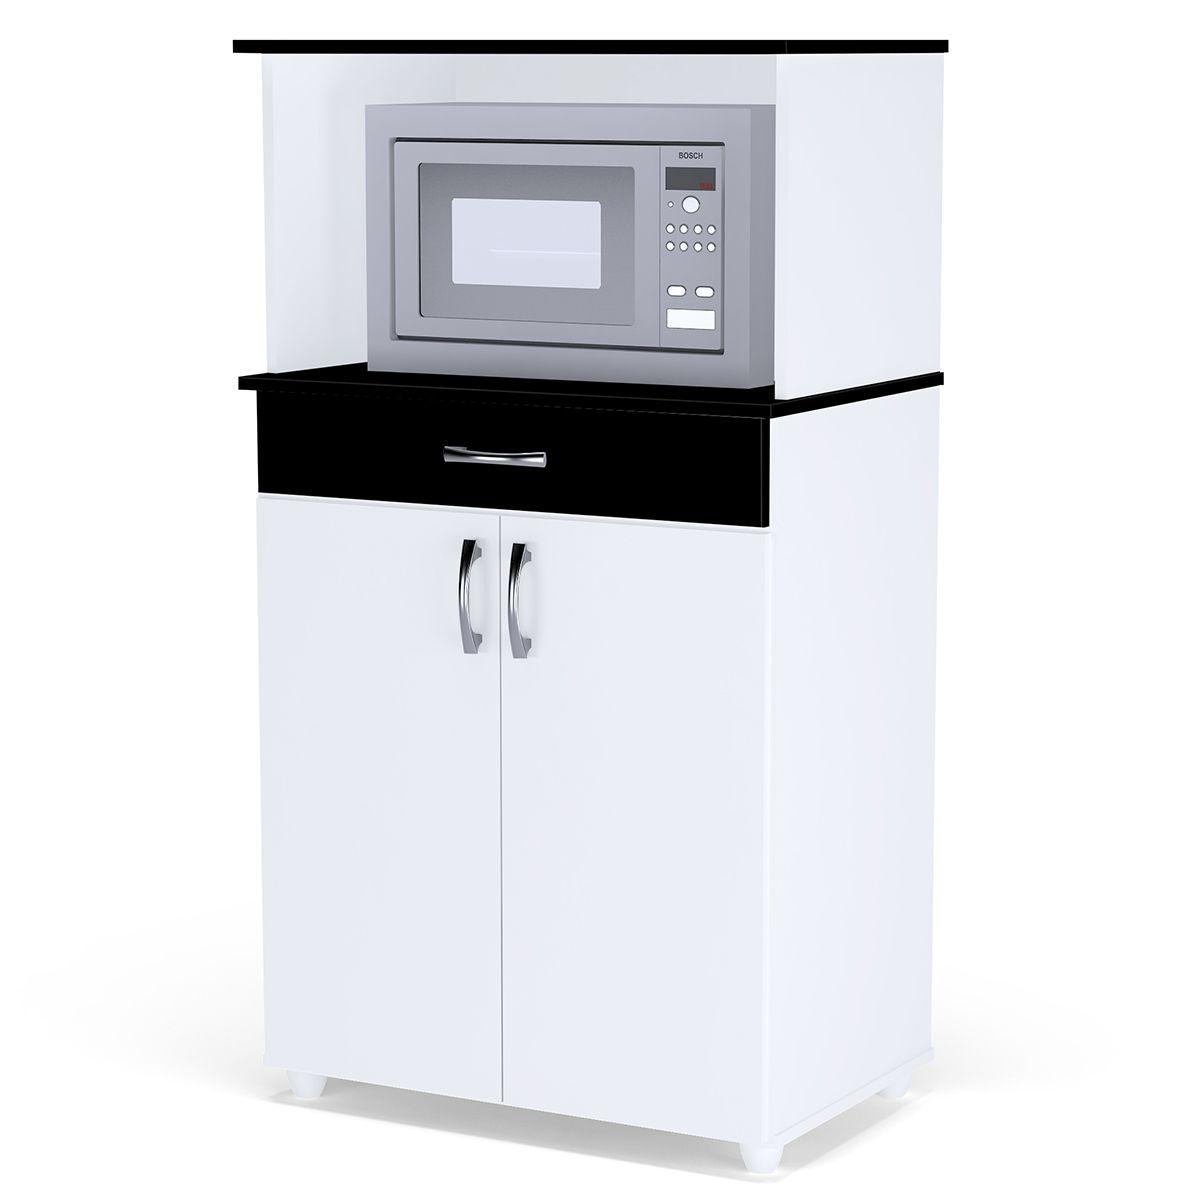 Balcão Cozinha para Microondas Carina Branco/Preto/Branco